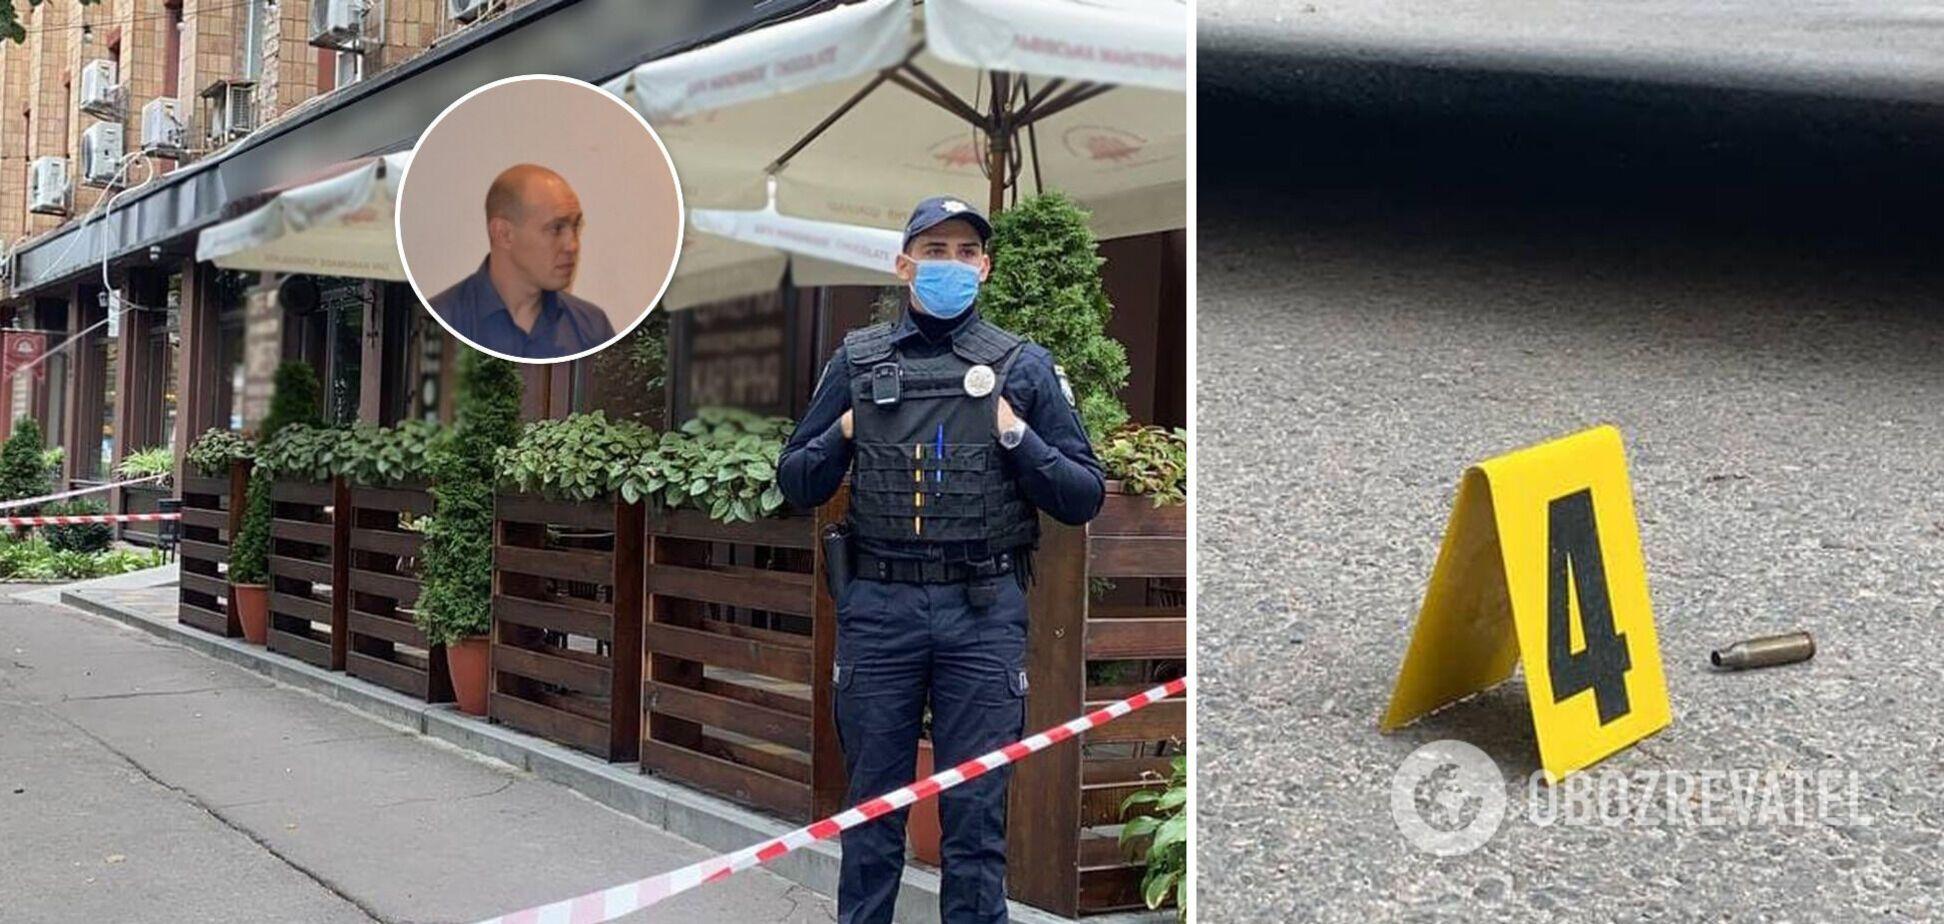 В Черкассах нашли авто киллеров, убивших бизнесмена. Эксклюзив